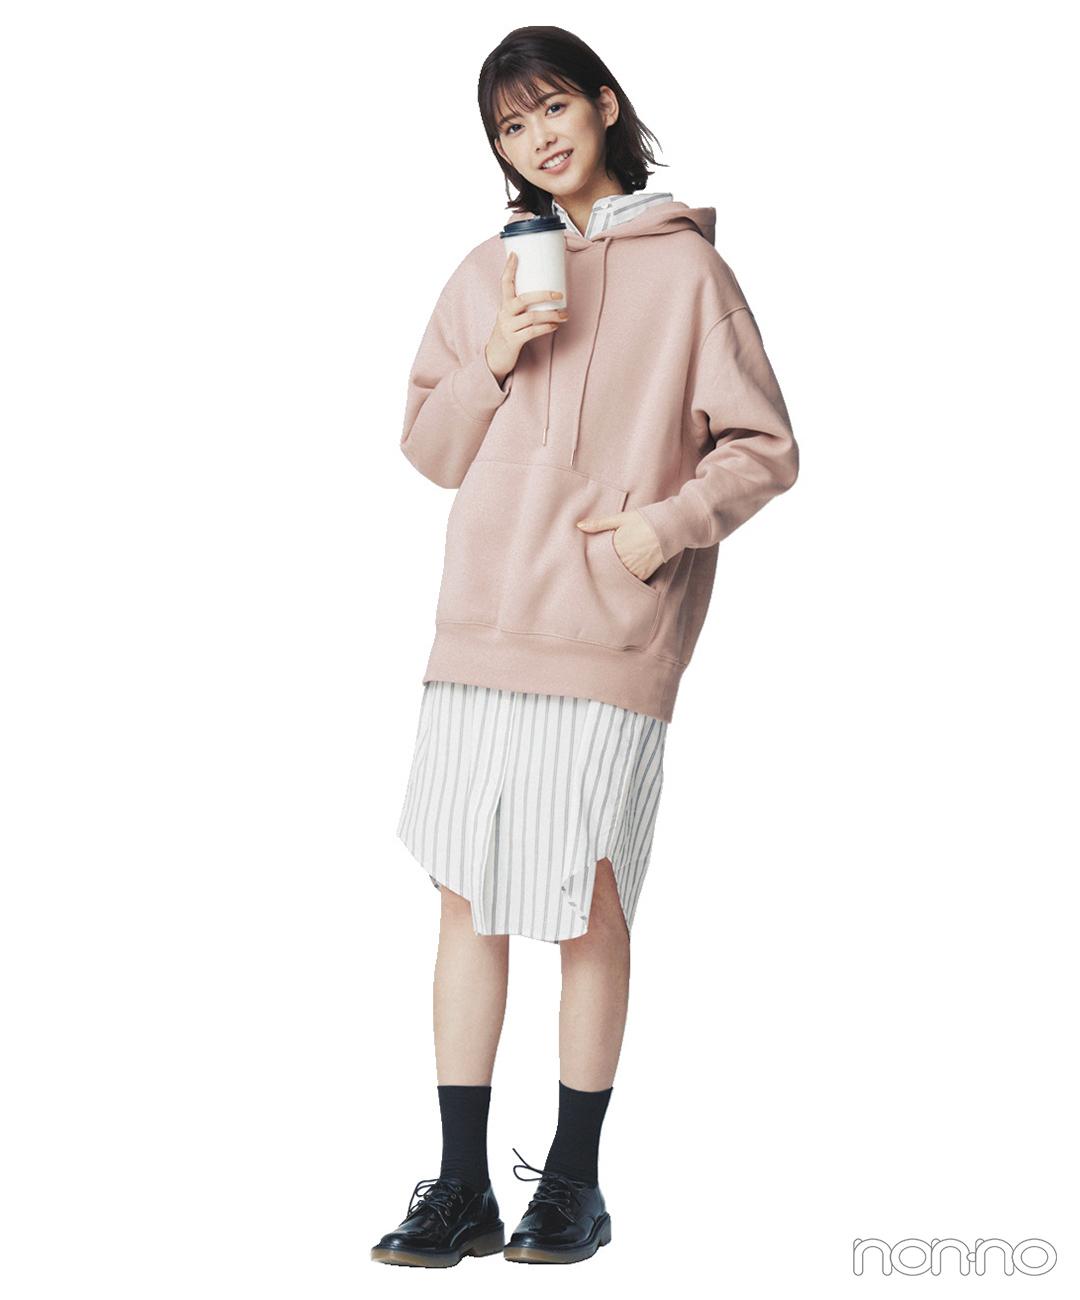 渡邉理佐はシャツワンピ+くすみピンクのフーディで甘めレイヤード【毎日コーデ】_1_1